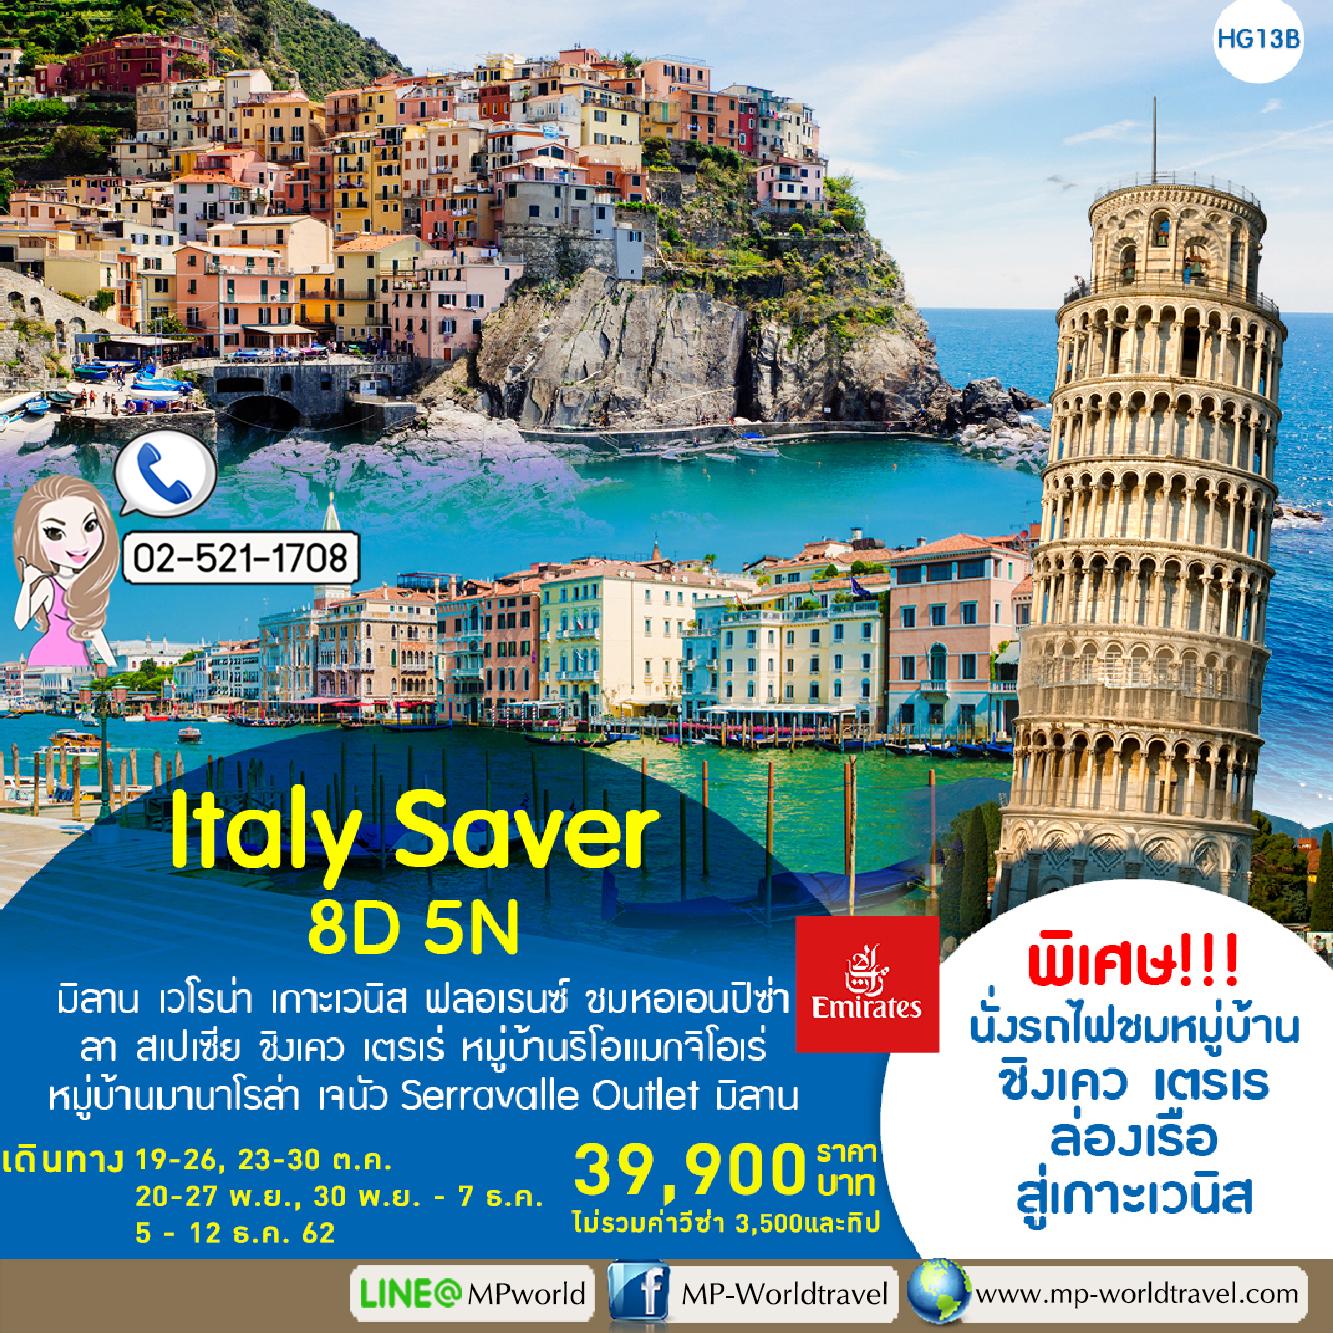 ทัวร์ยุโรป อิตาลี ดินแดนในฝัน Italy Saver